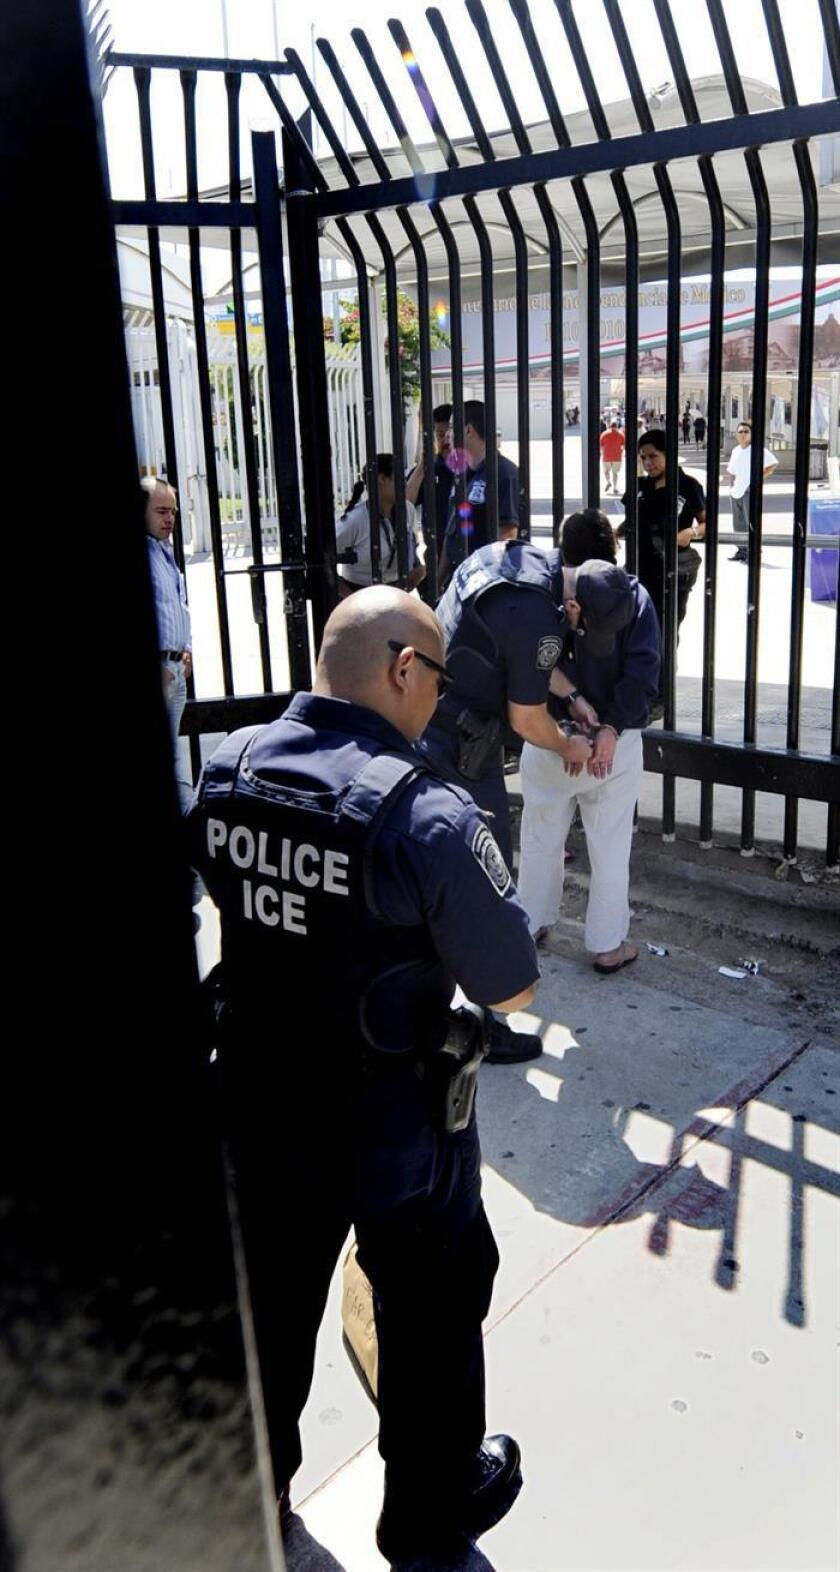 Un inmigrante mexicano que reside en Colorado, y cuya esposa peruana se halla refugiada en una iglesia para evitar ser deportada, fue arrestado hoy por agentes federales, informó la filial en Denver del Comité de Servicios de Amigos Americanos (AFSC, en inglés). EFE/ARCHIVO